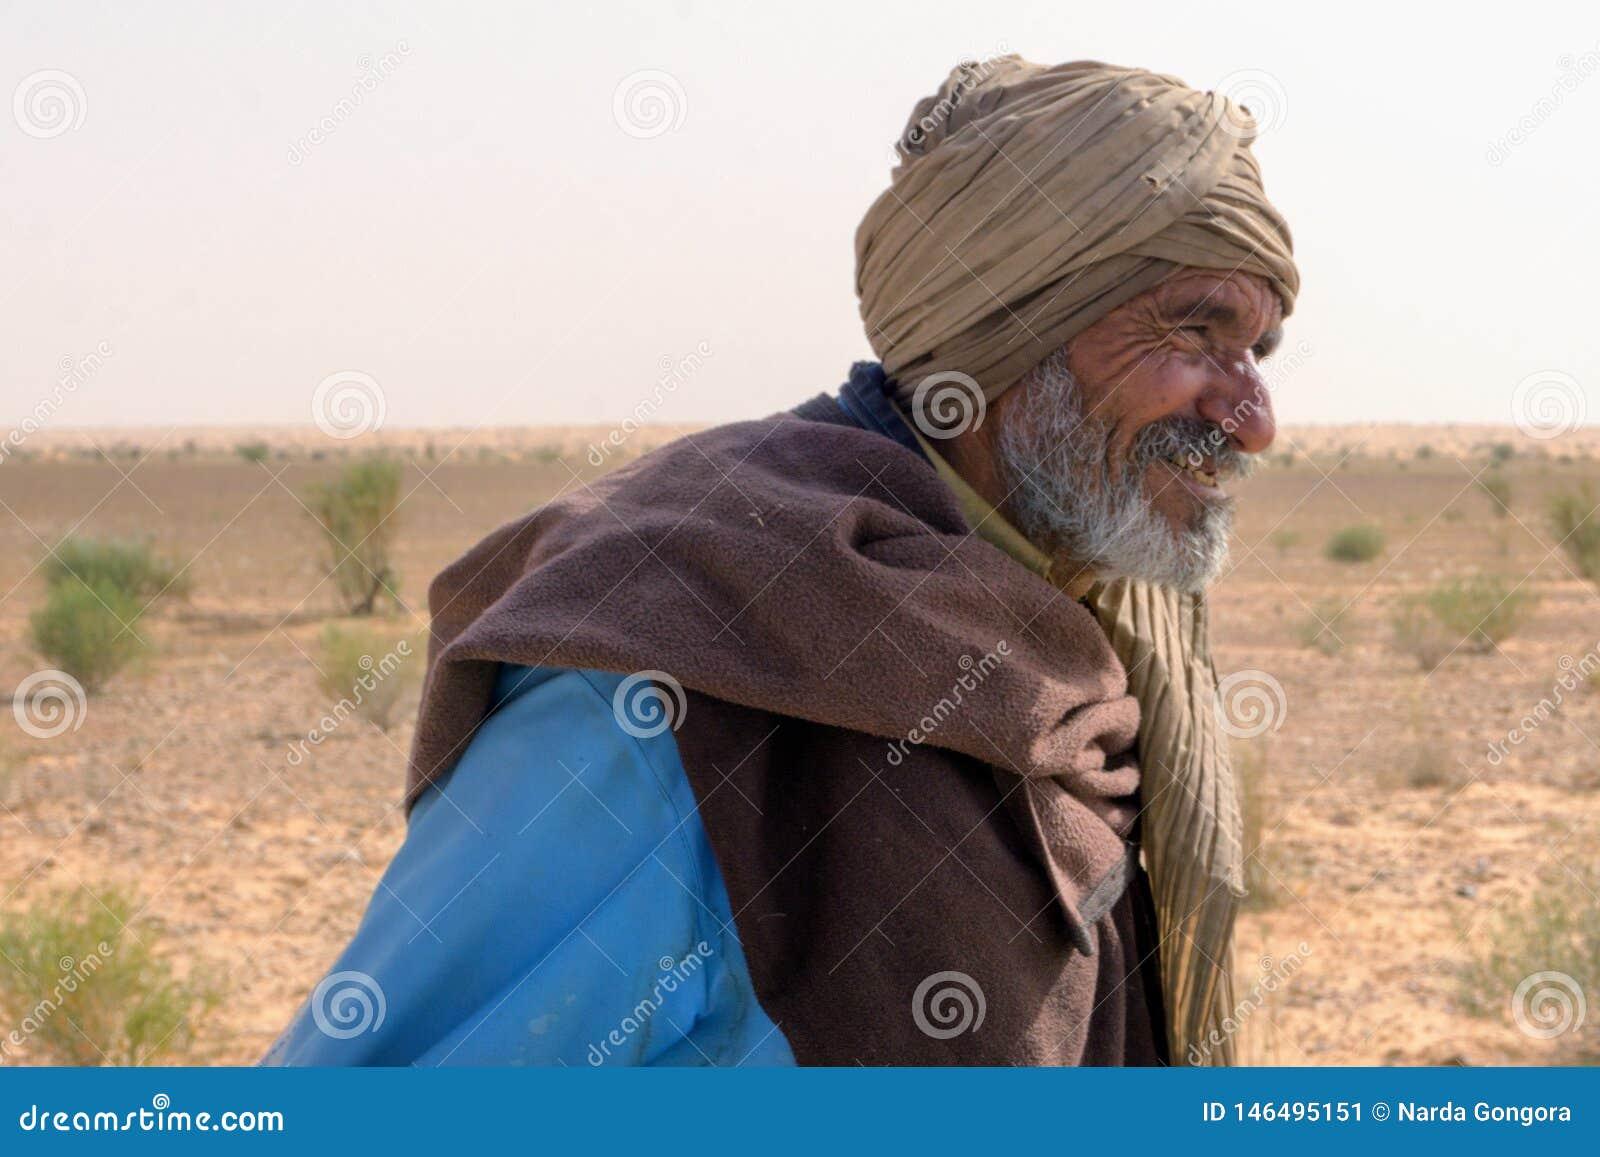 Goat Herder Smiles in the Sahara Desert in Tunisia